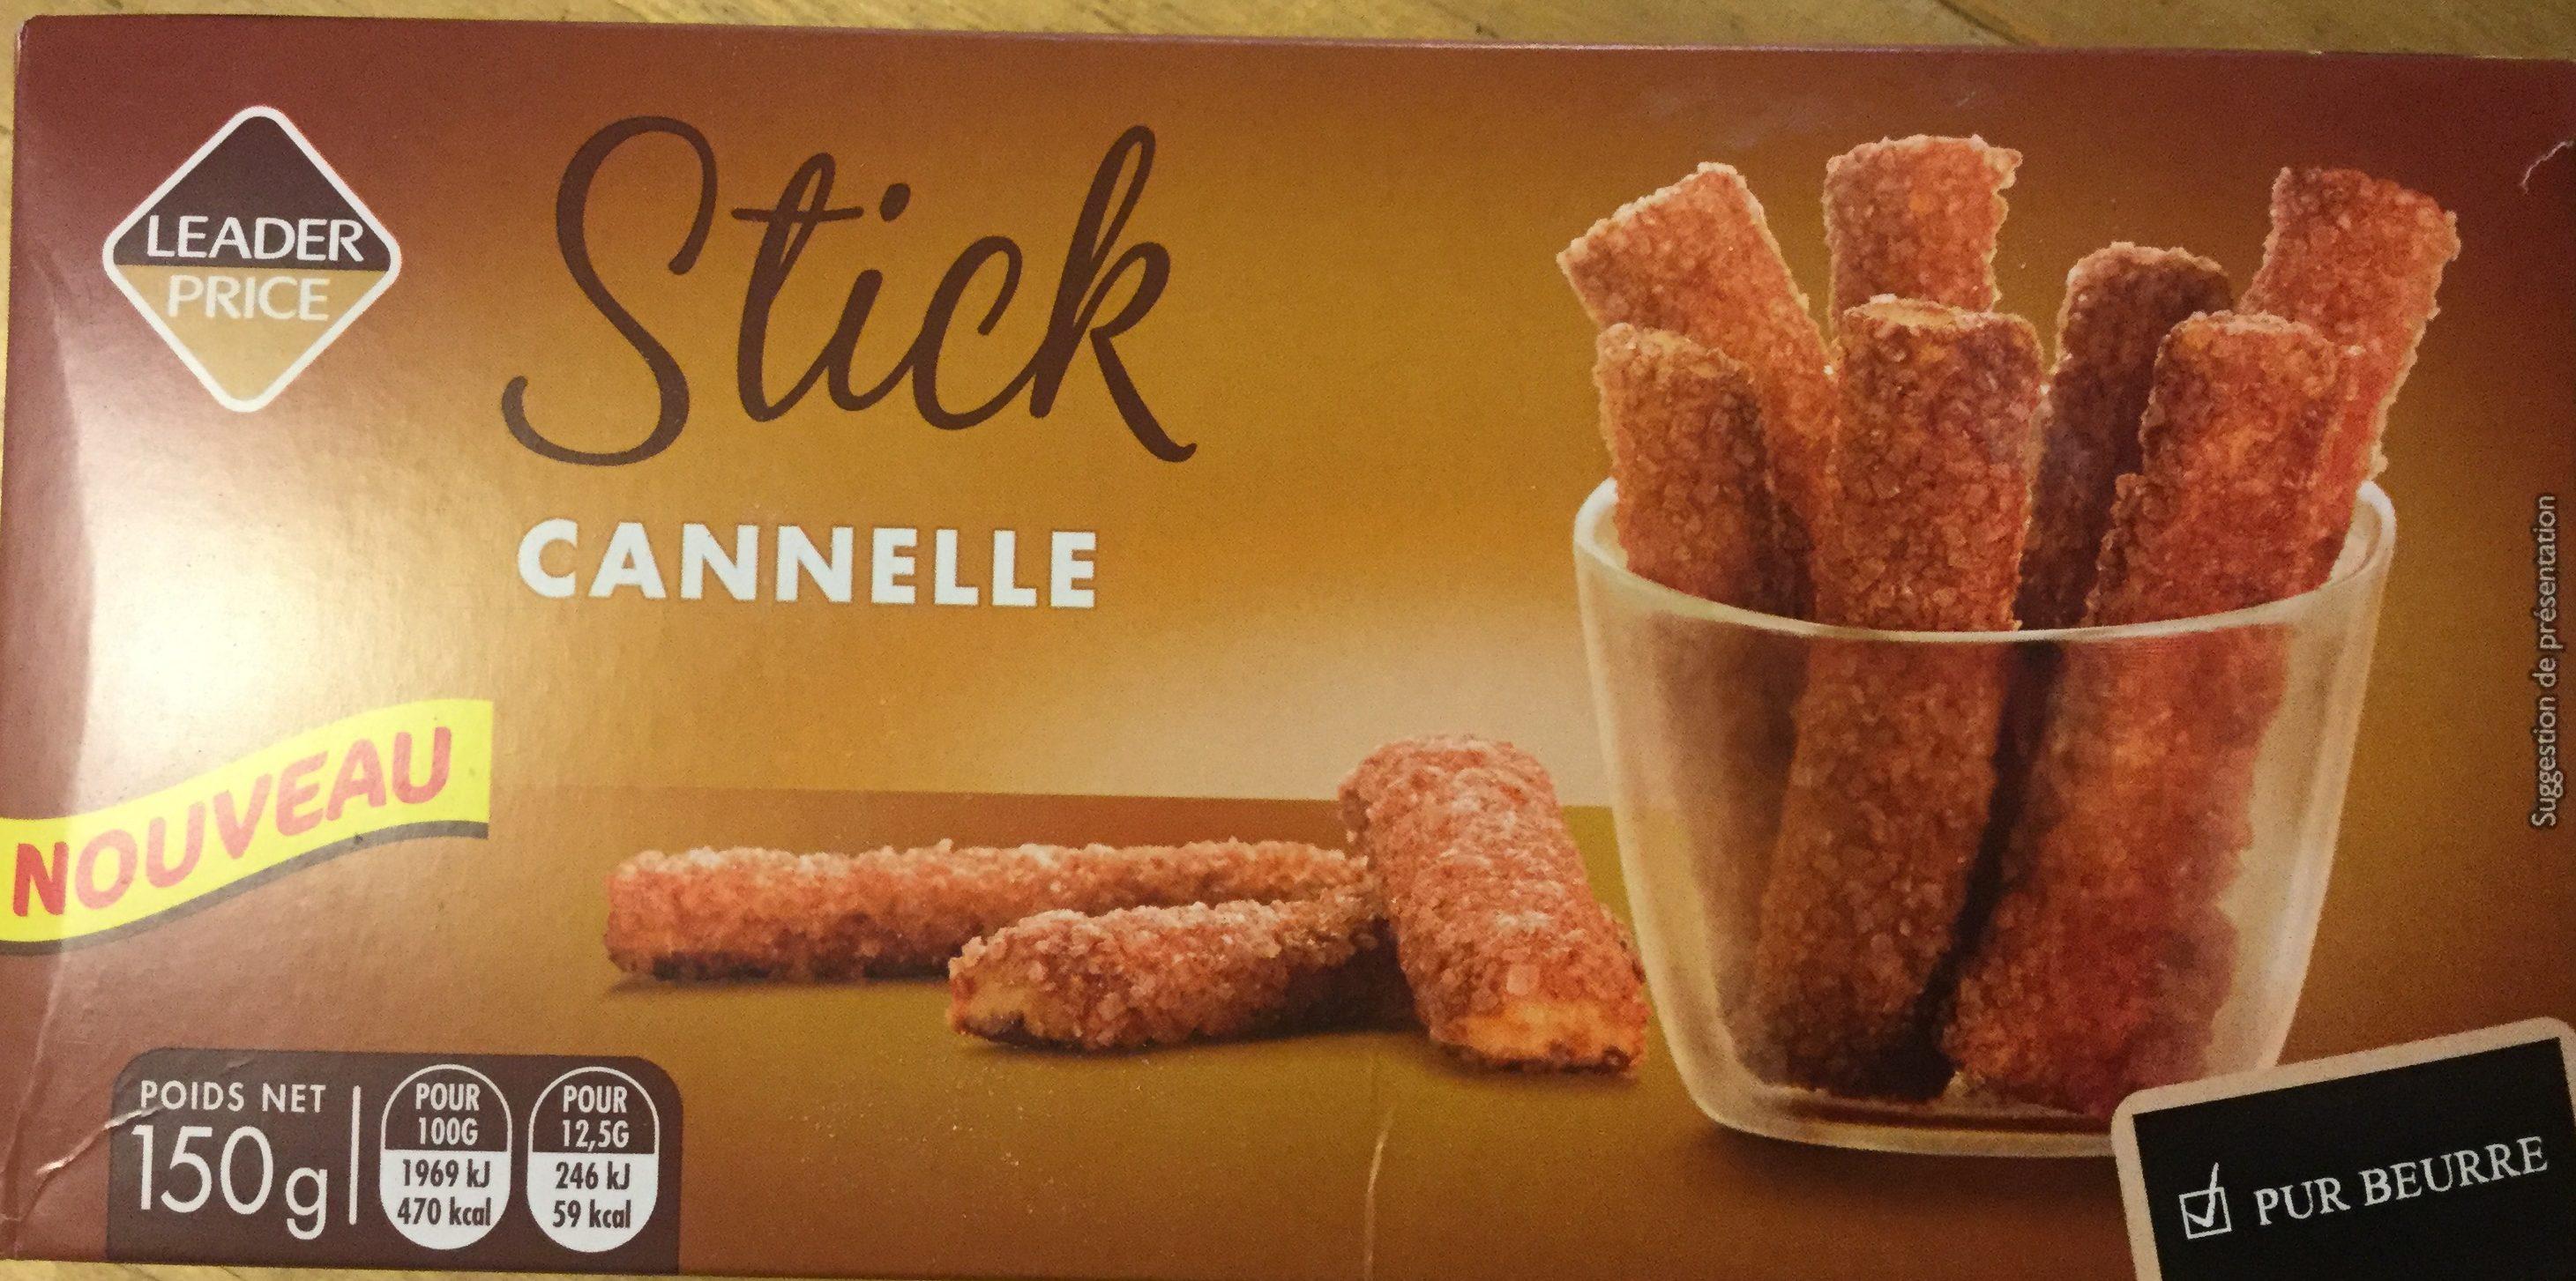 Stick cannelle - Prodotto - fr